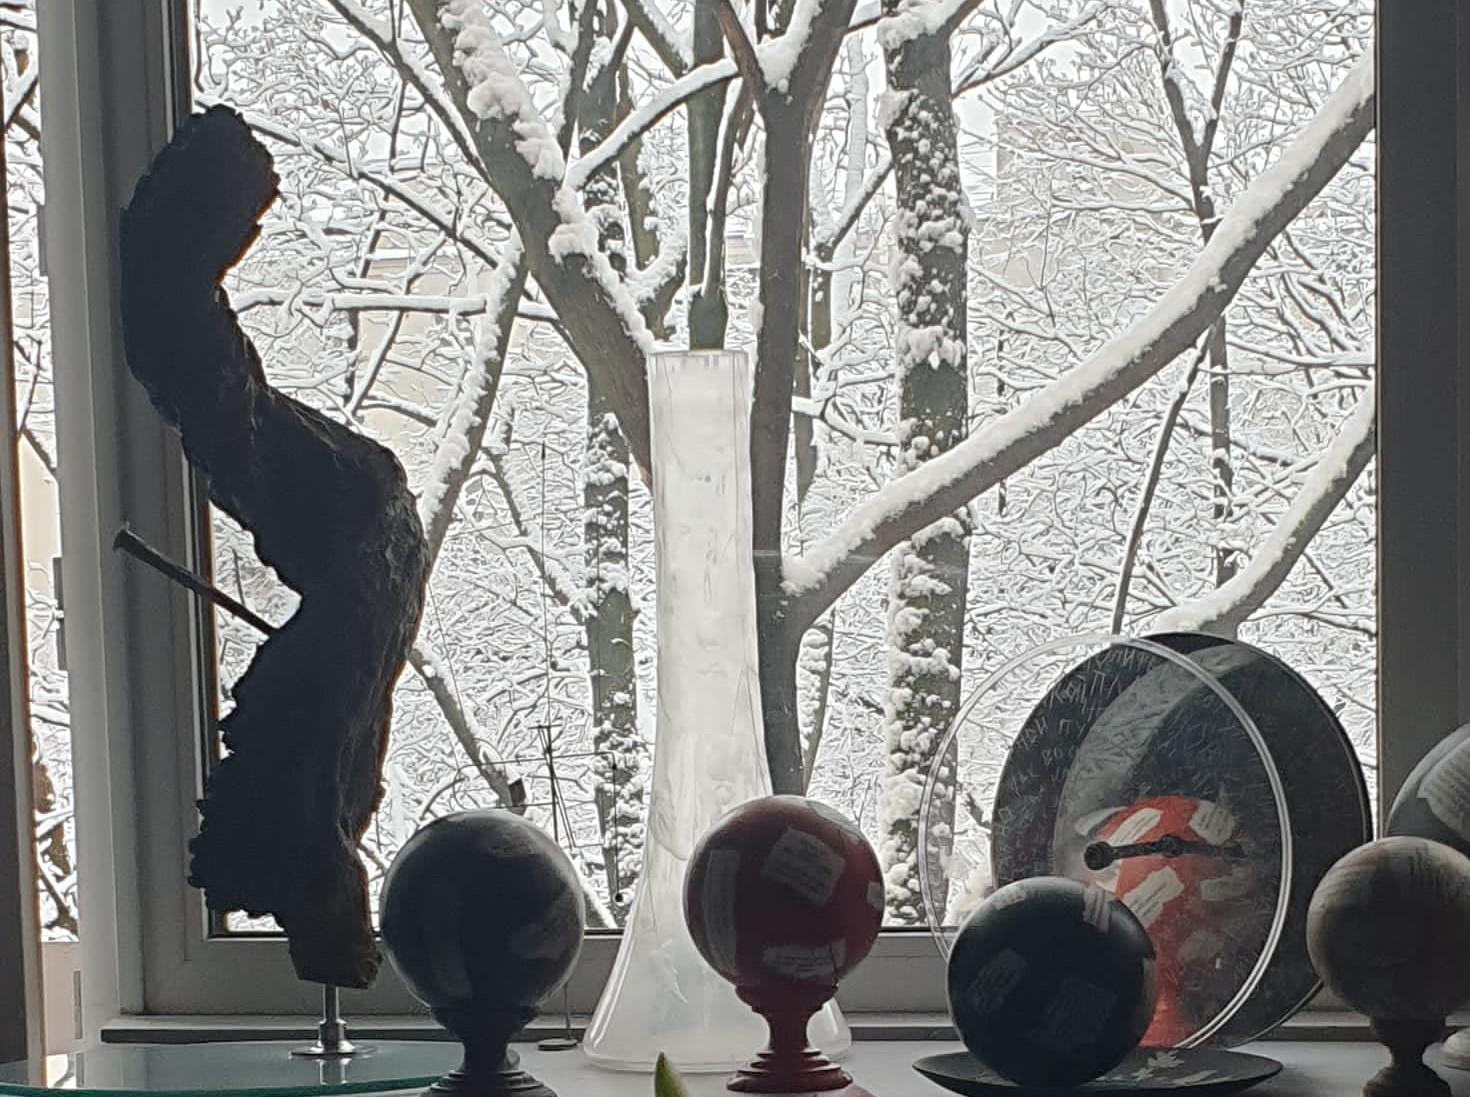 nella foto a colori si vedono alcune palle colorate con una base di legno, un vaso bianco trasparente, tutti poggiati sul davanzale di una finestra che si affaccia su uno spazio esterno innevato